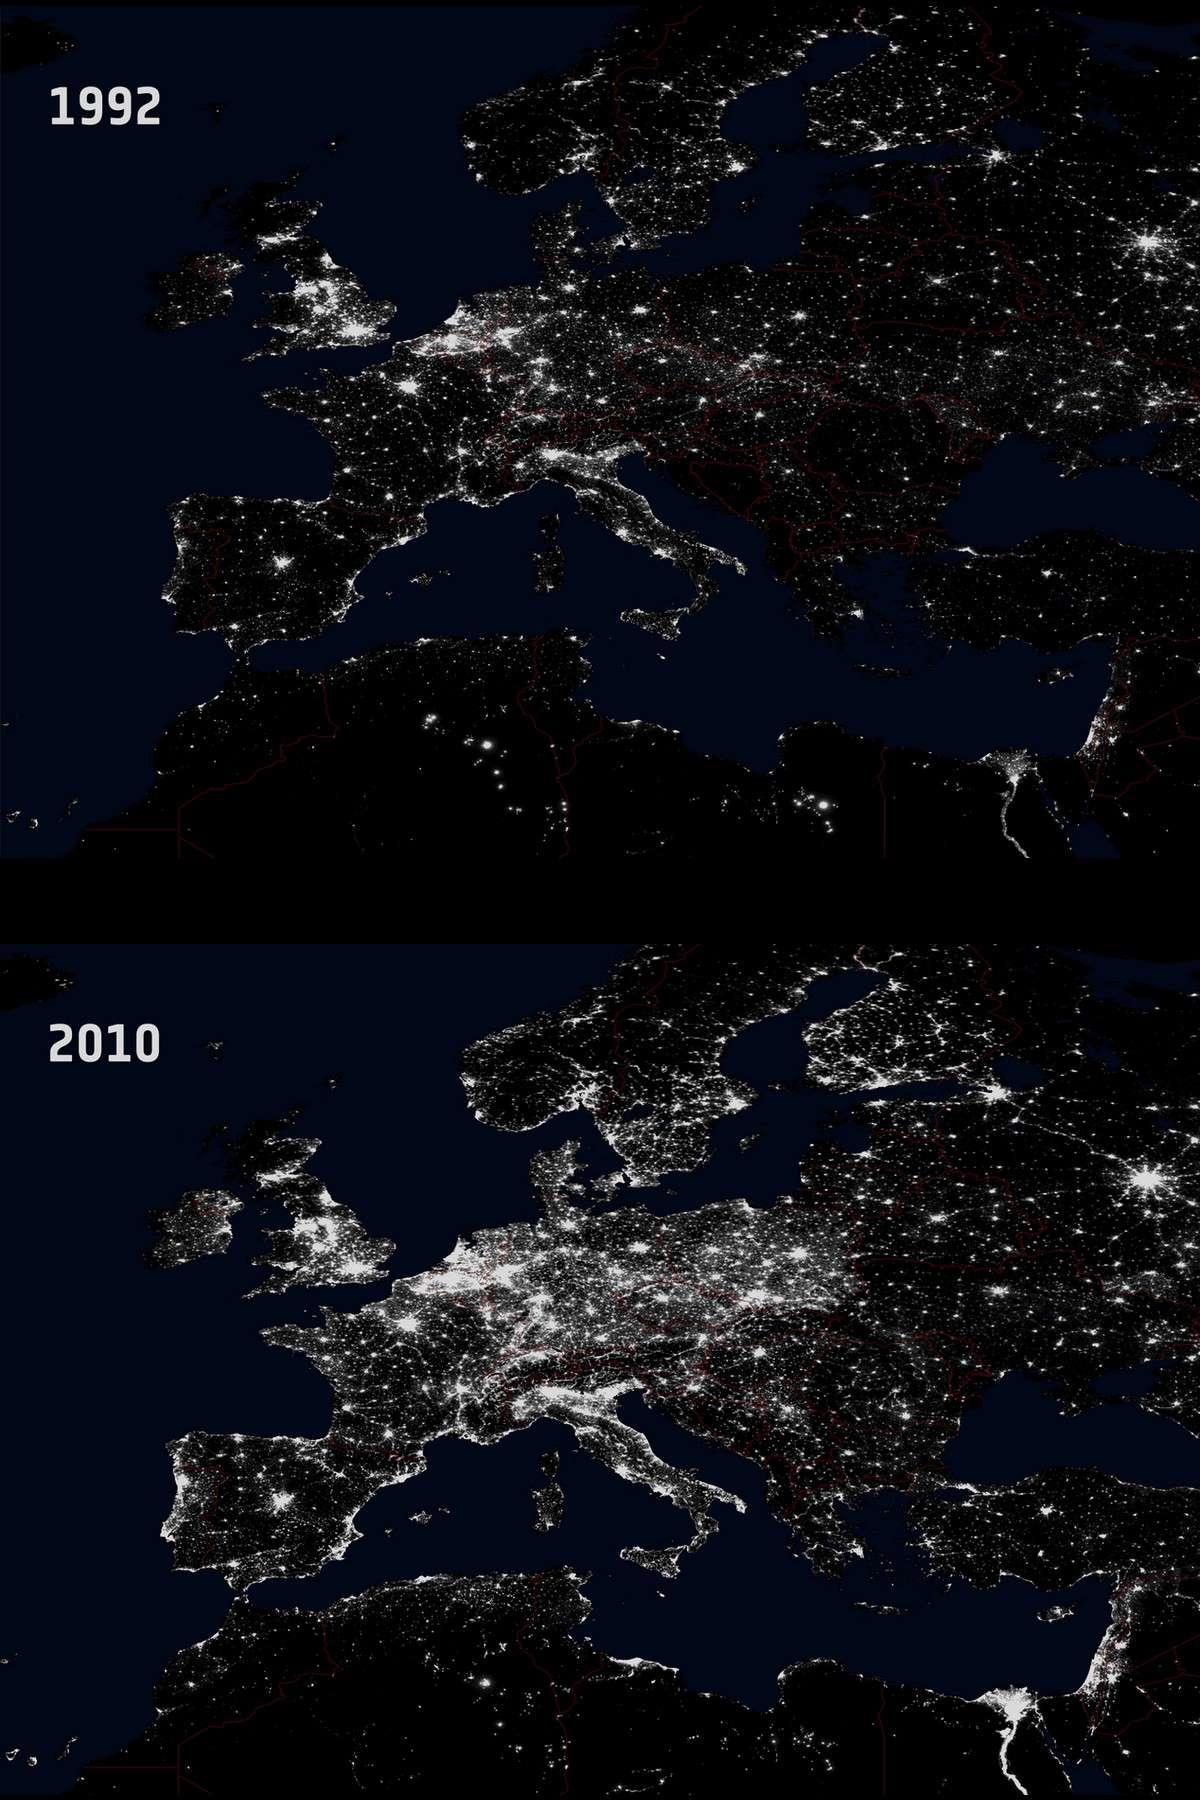 Dix-huit ans séparent ces deux images prises par les satellites américains DMSP. Elles révèlent l'augmentation considérable de la pollution lumineuse nocturne en Europe. © NGDC/DMSP/Esa